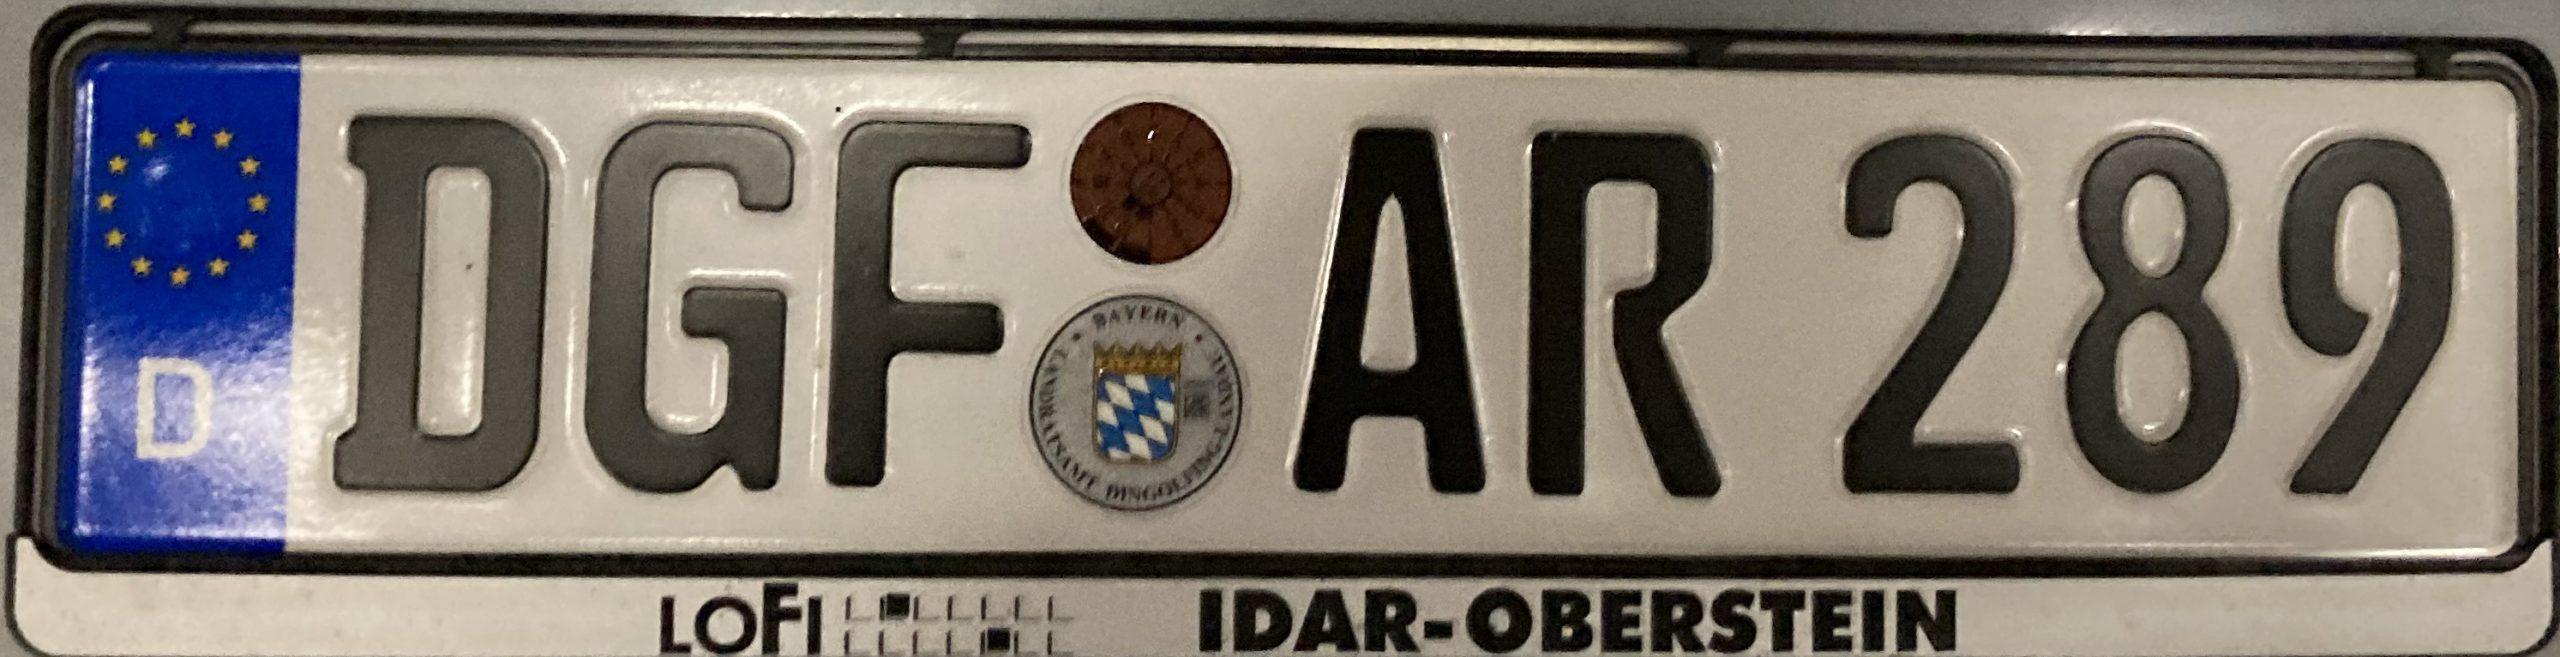 Registrační značky Německo - DGF - Dingolfing-Landau, foto: www.podalnici.cz